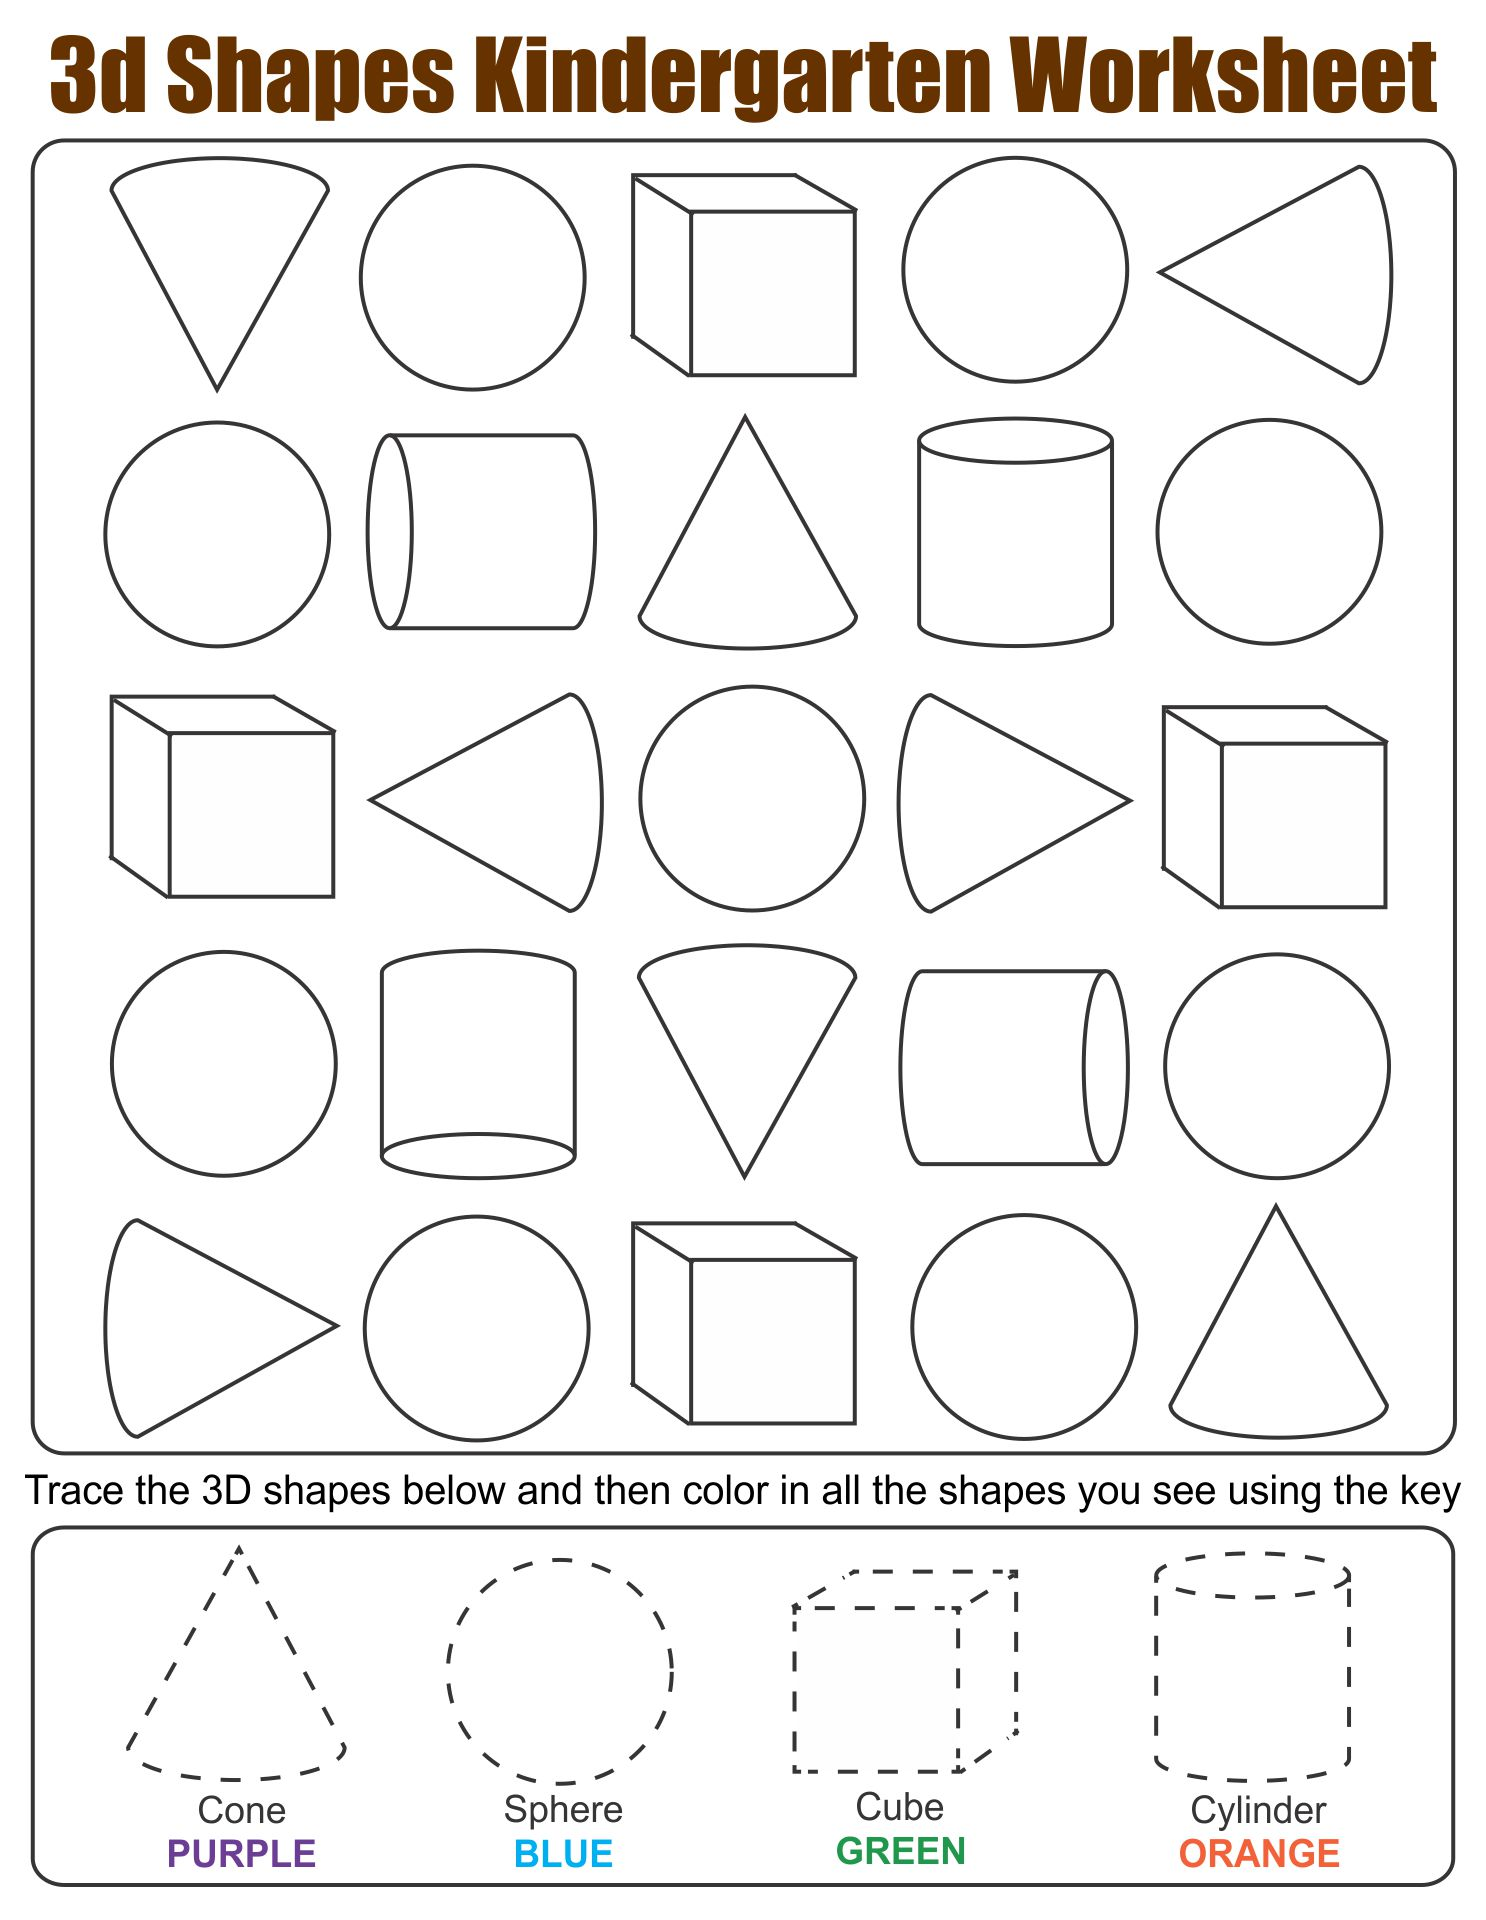 hight resolution of 4 Best 3D Shapes Worksheets Printables Kindergarten - printablee.com